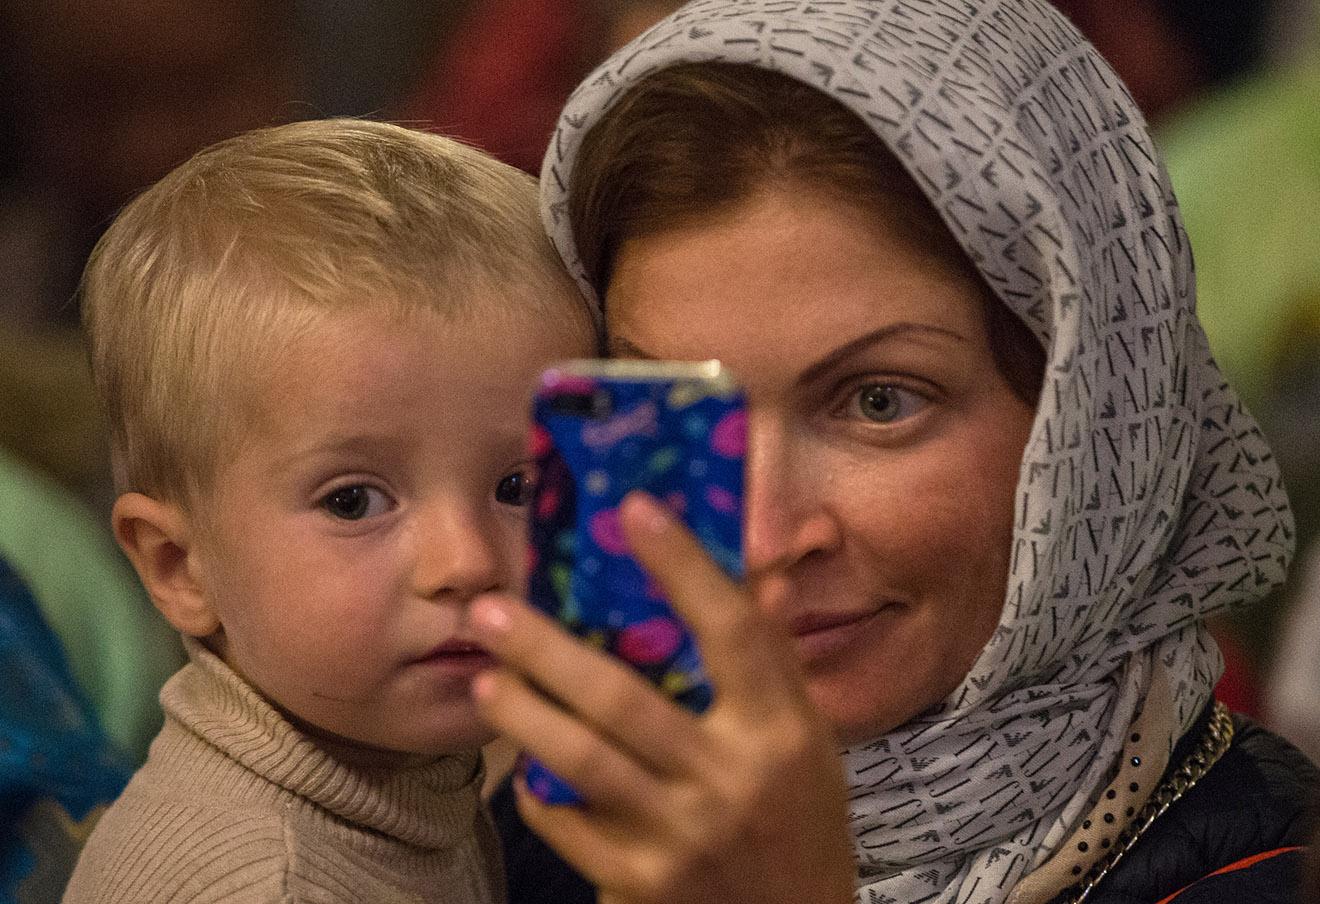 Мама с сыном во время божественной литургии в честь праздника Благовещения Пресвятой Богородицы в Благовещенском соборе Кремля.